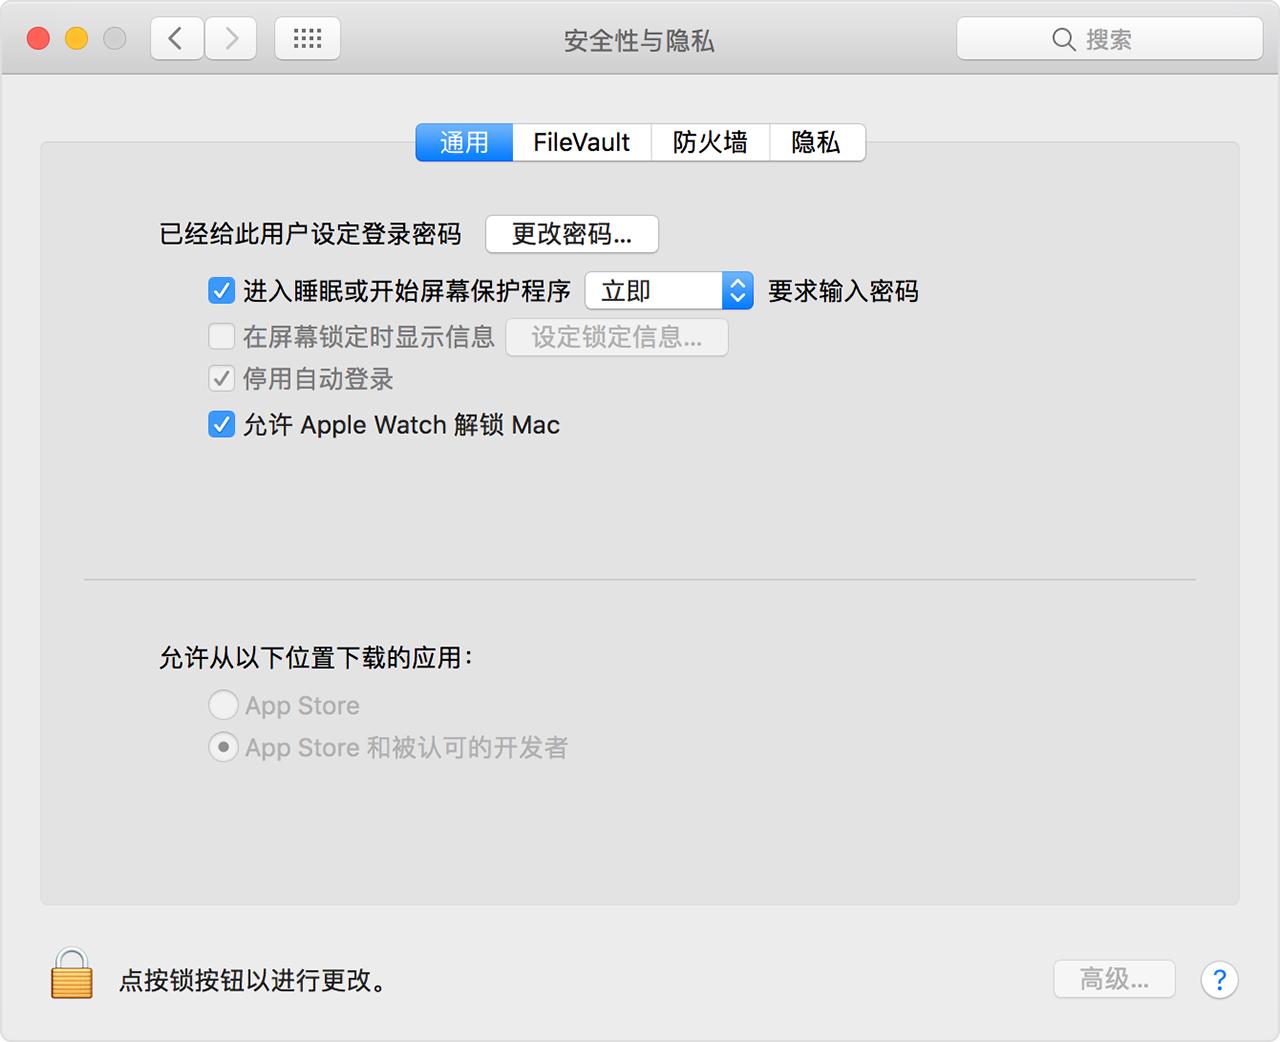 如何借助 Apple Watch 免输密码解锁 Mac?